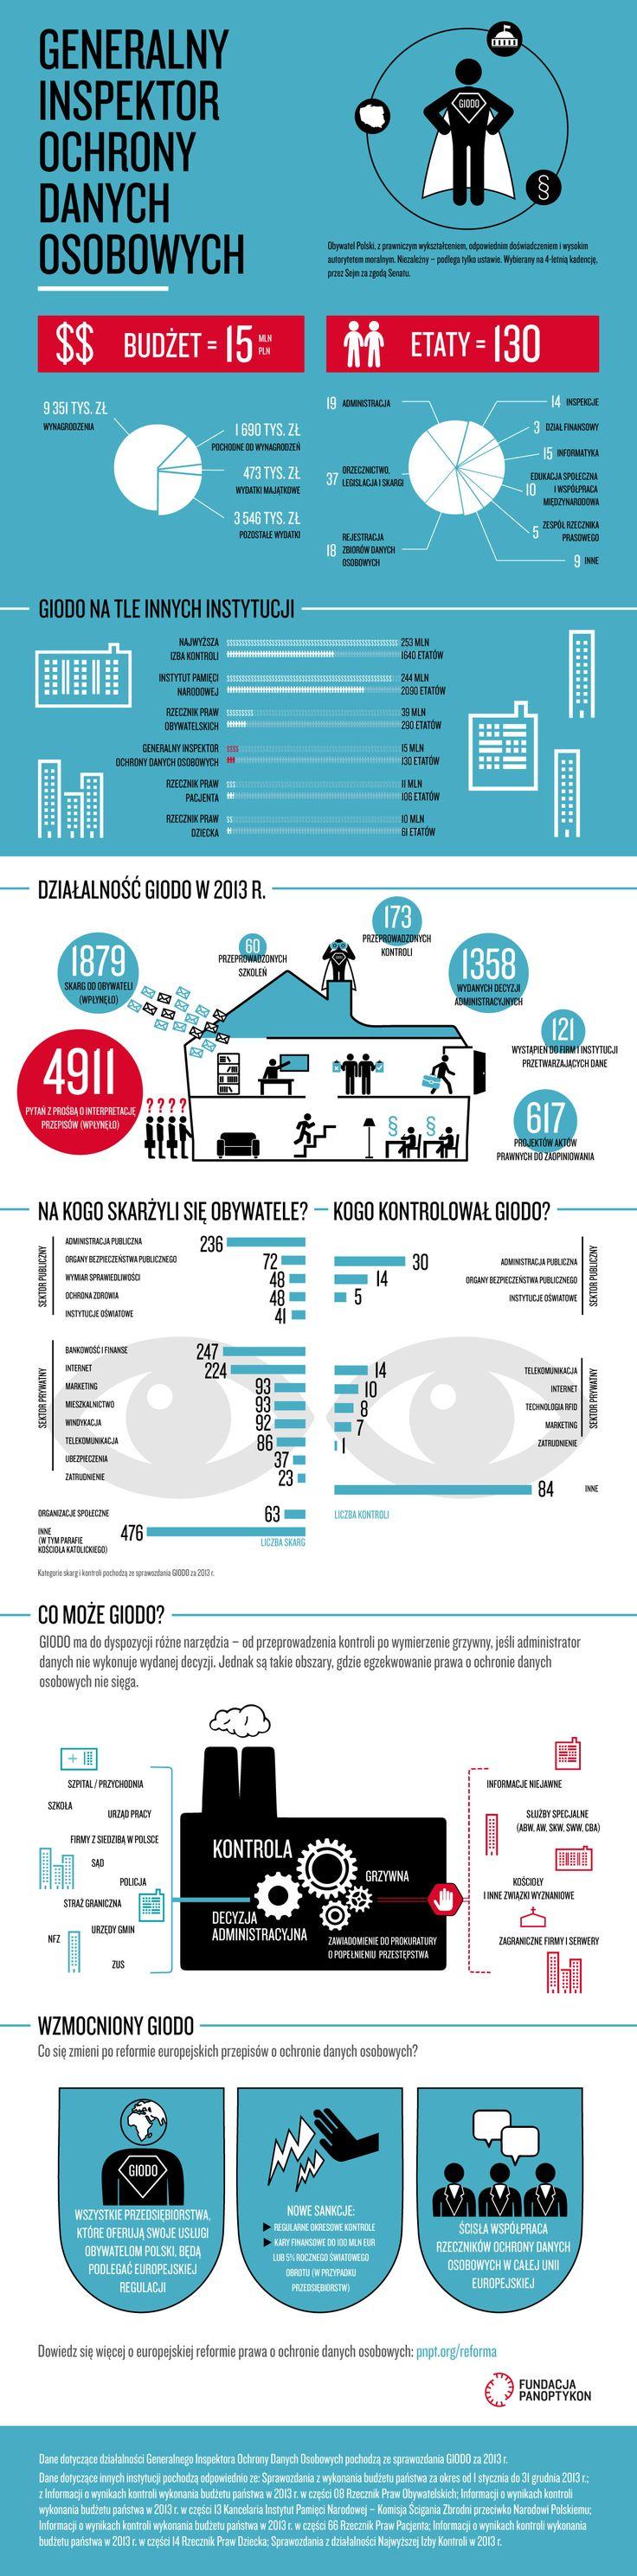 Jak działa Generalny Inspektor Ochrony Danych Osobowych? http://panoptykon.org/wiadomosc/ochrona-danych-potrzebuje-ostrzejszych-zebow